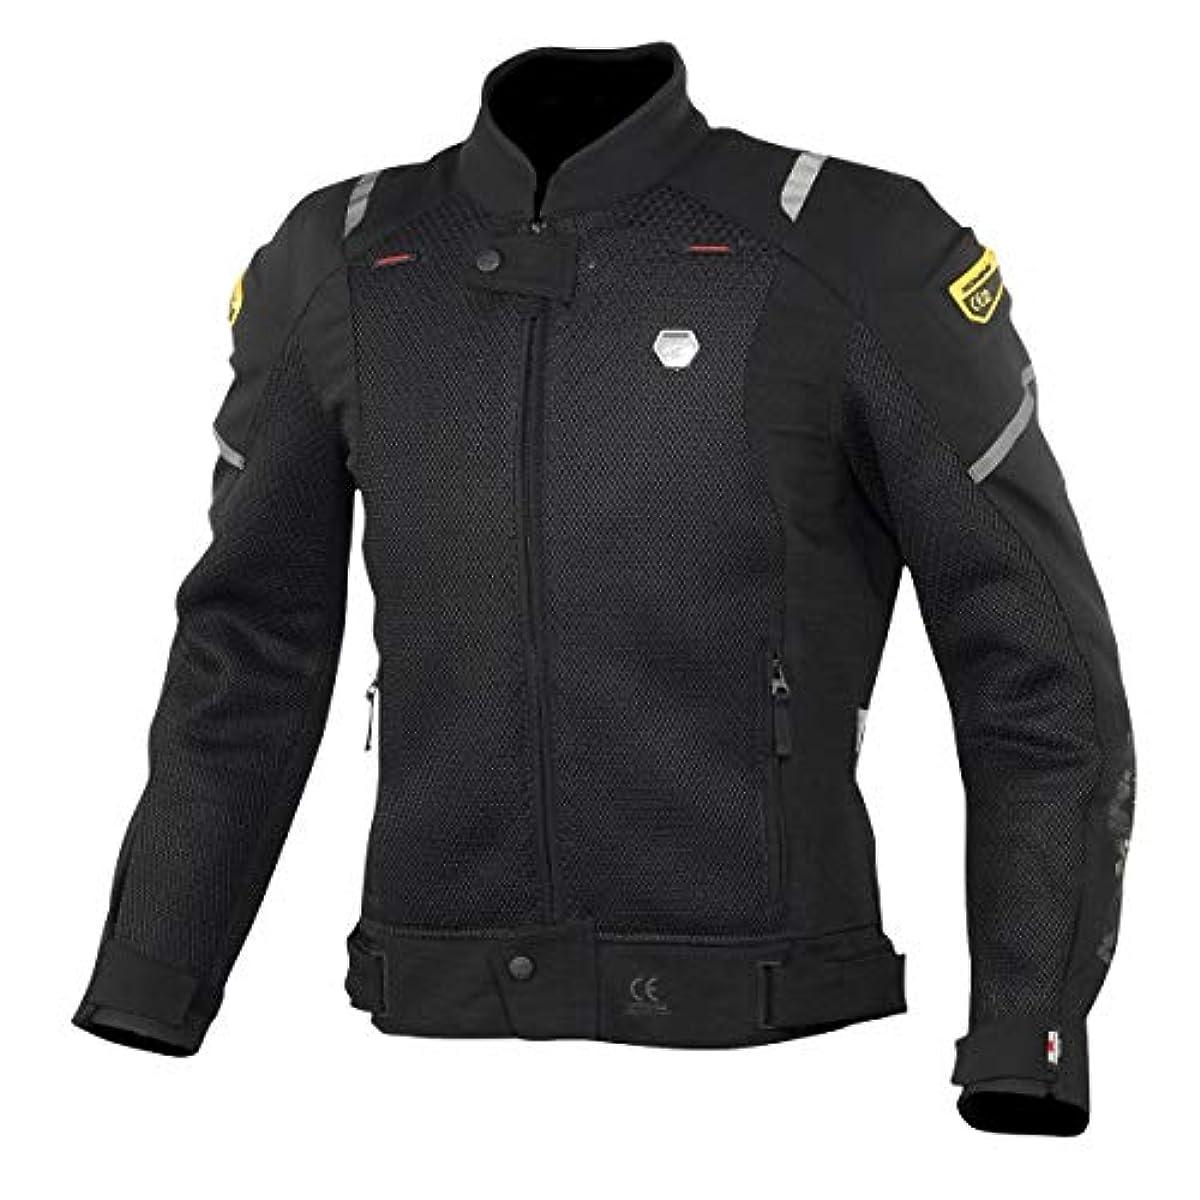 [해외] 코미네 KOMINE 오토바이 스푸리무프로텍트메시(mesh)재킷 CE규격 레벨2 아우터 프로텍터 통기성 플래그쉽 봄과 여름 BLACK XL 07-148 JK-148